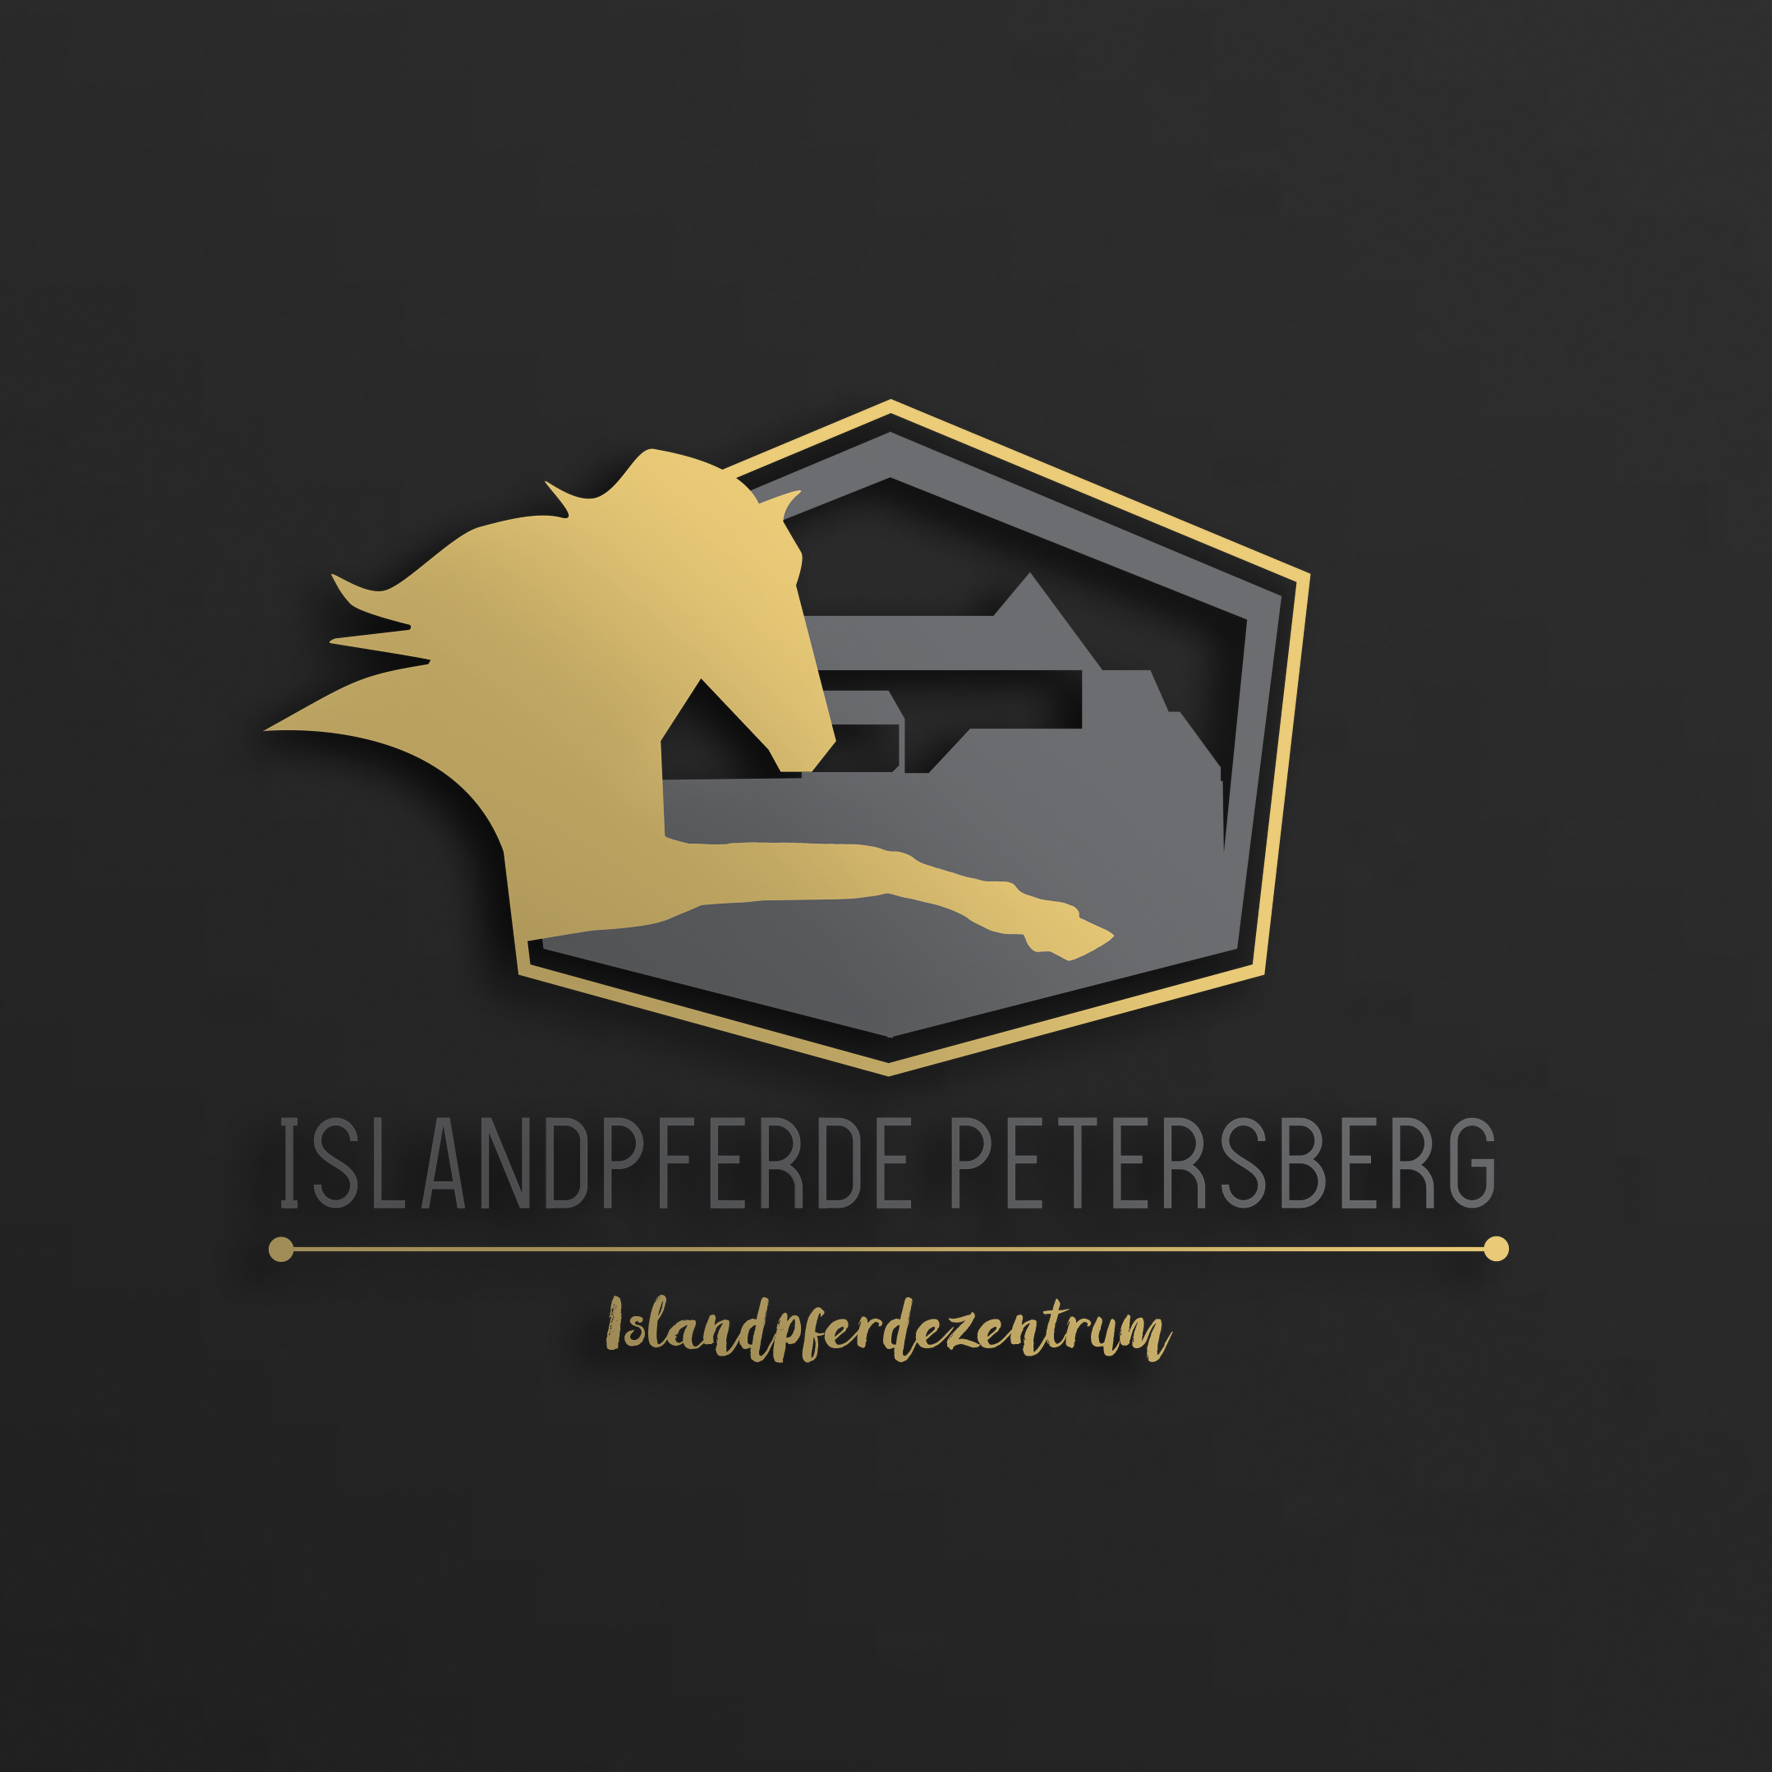 Logo-Islandpferde-Petersberg-Black-2